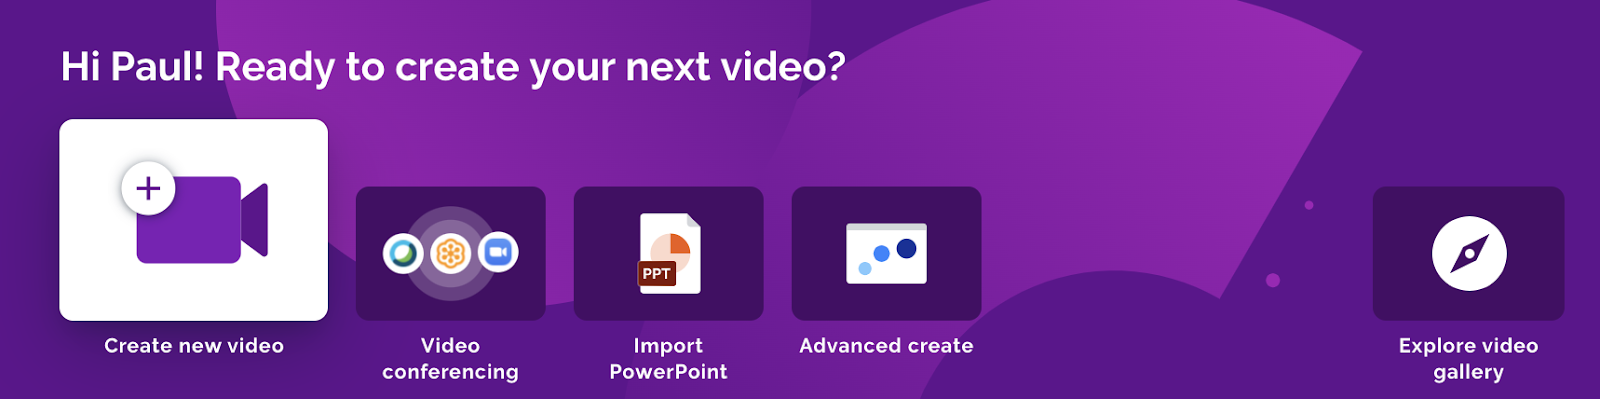 prezi video dashboard